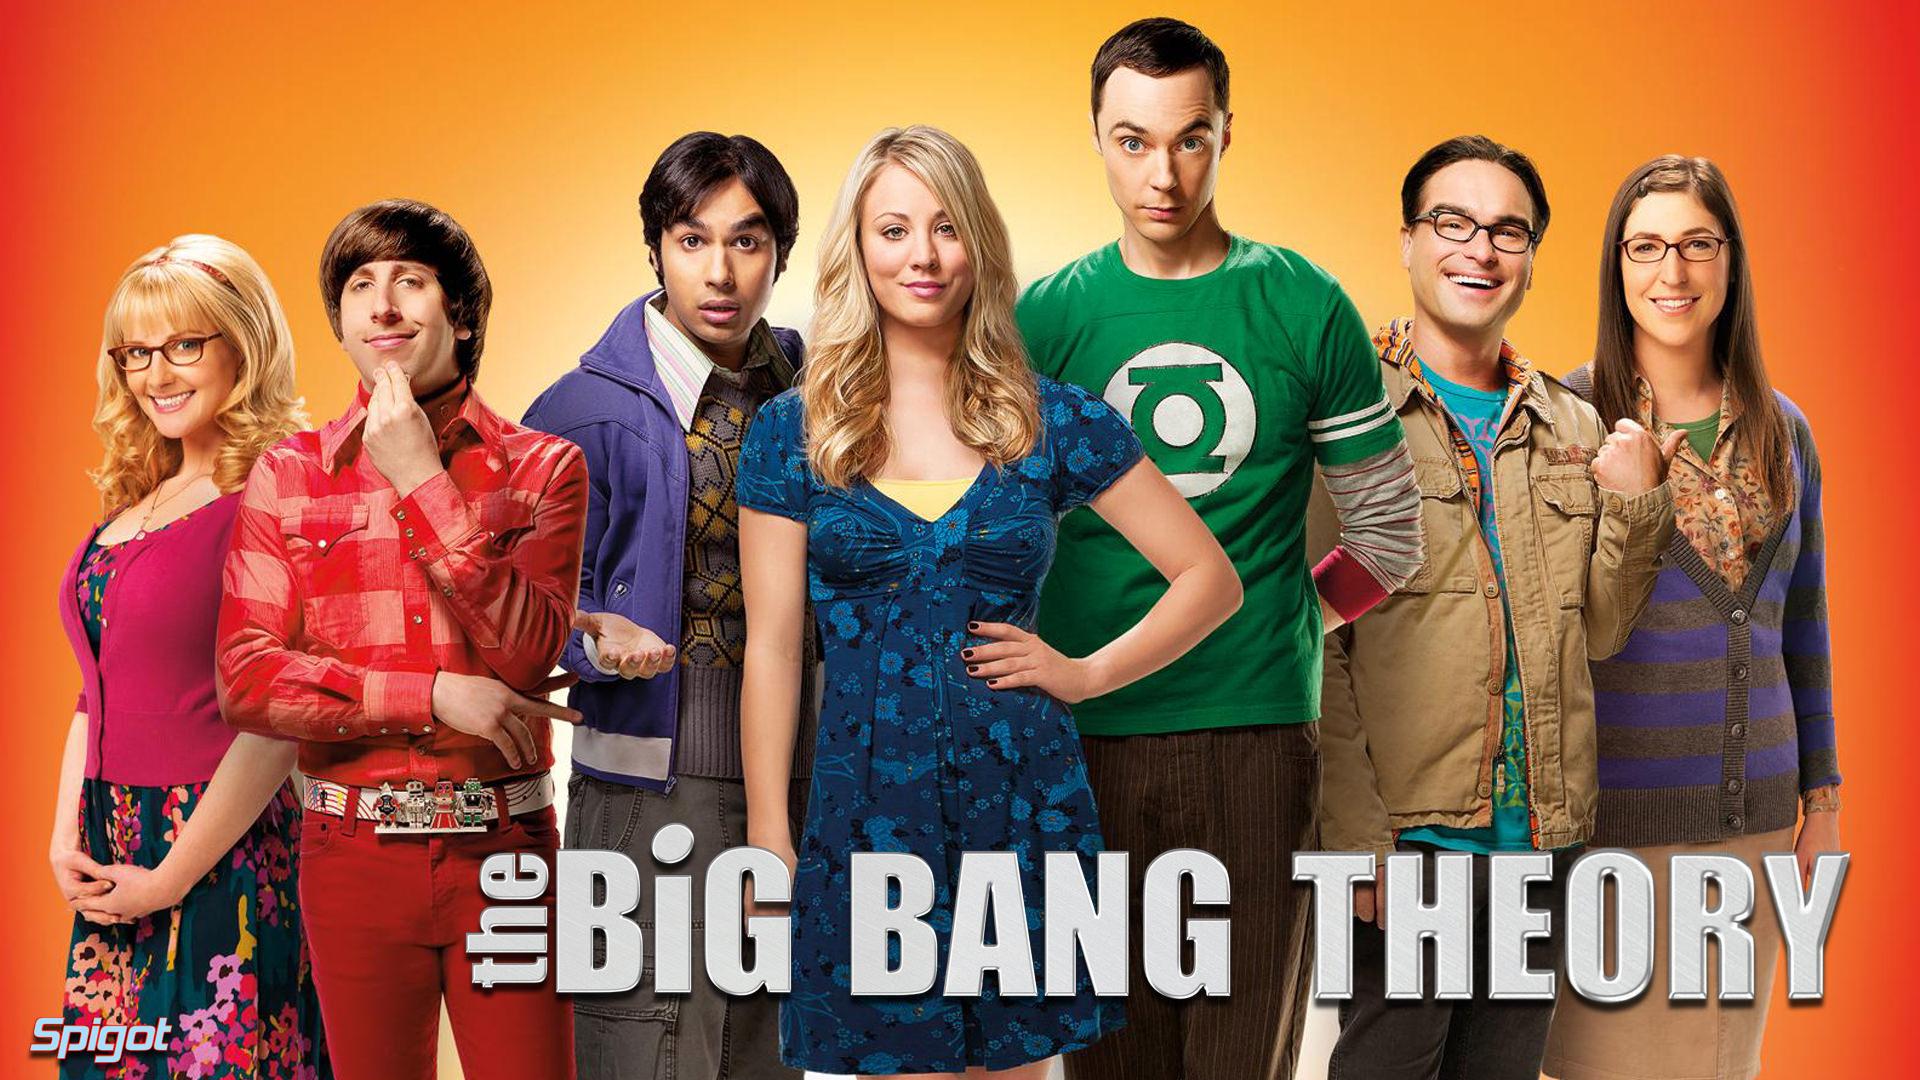 【全米がワロタ】The Big Bang Theory(ビックバン・セオリー)のバカ真面目なオタクの日常